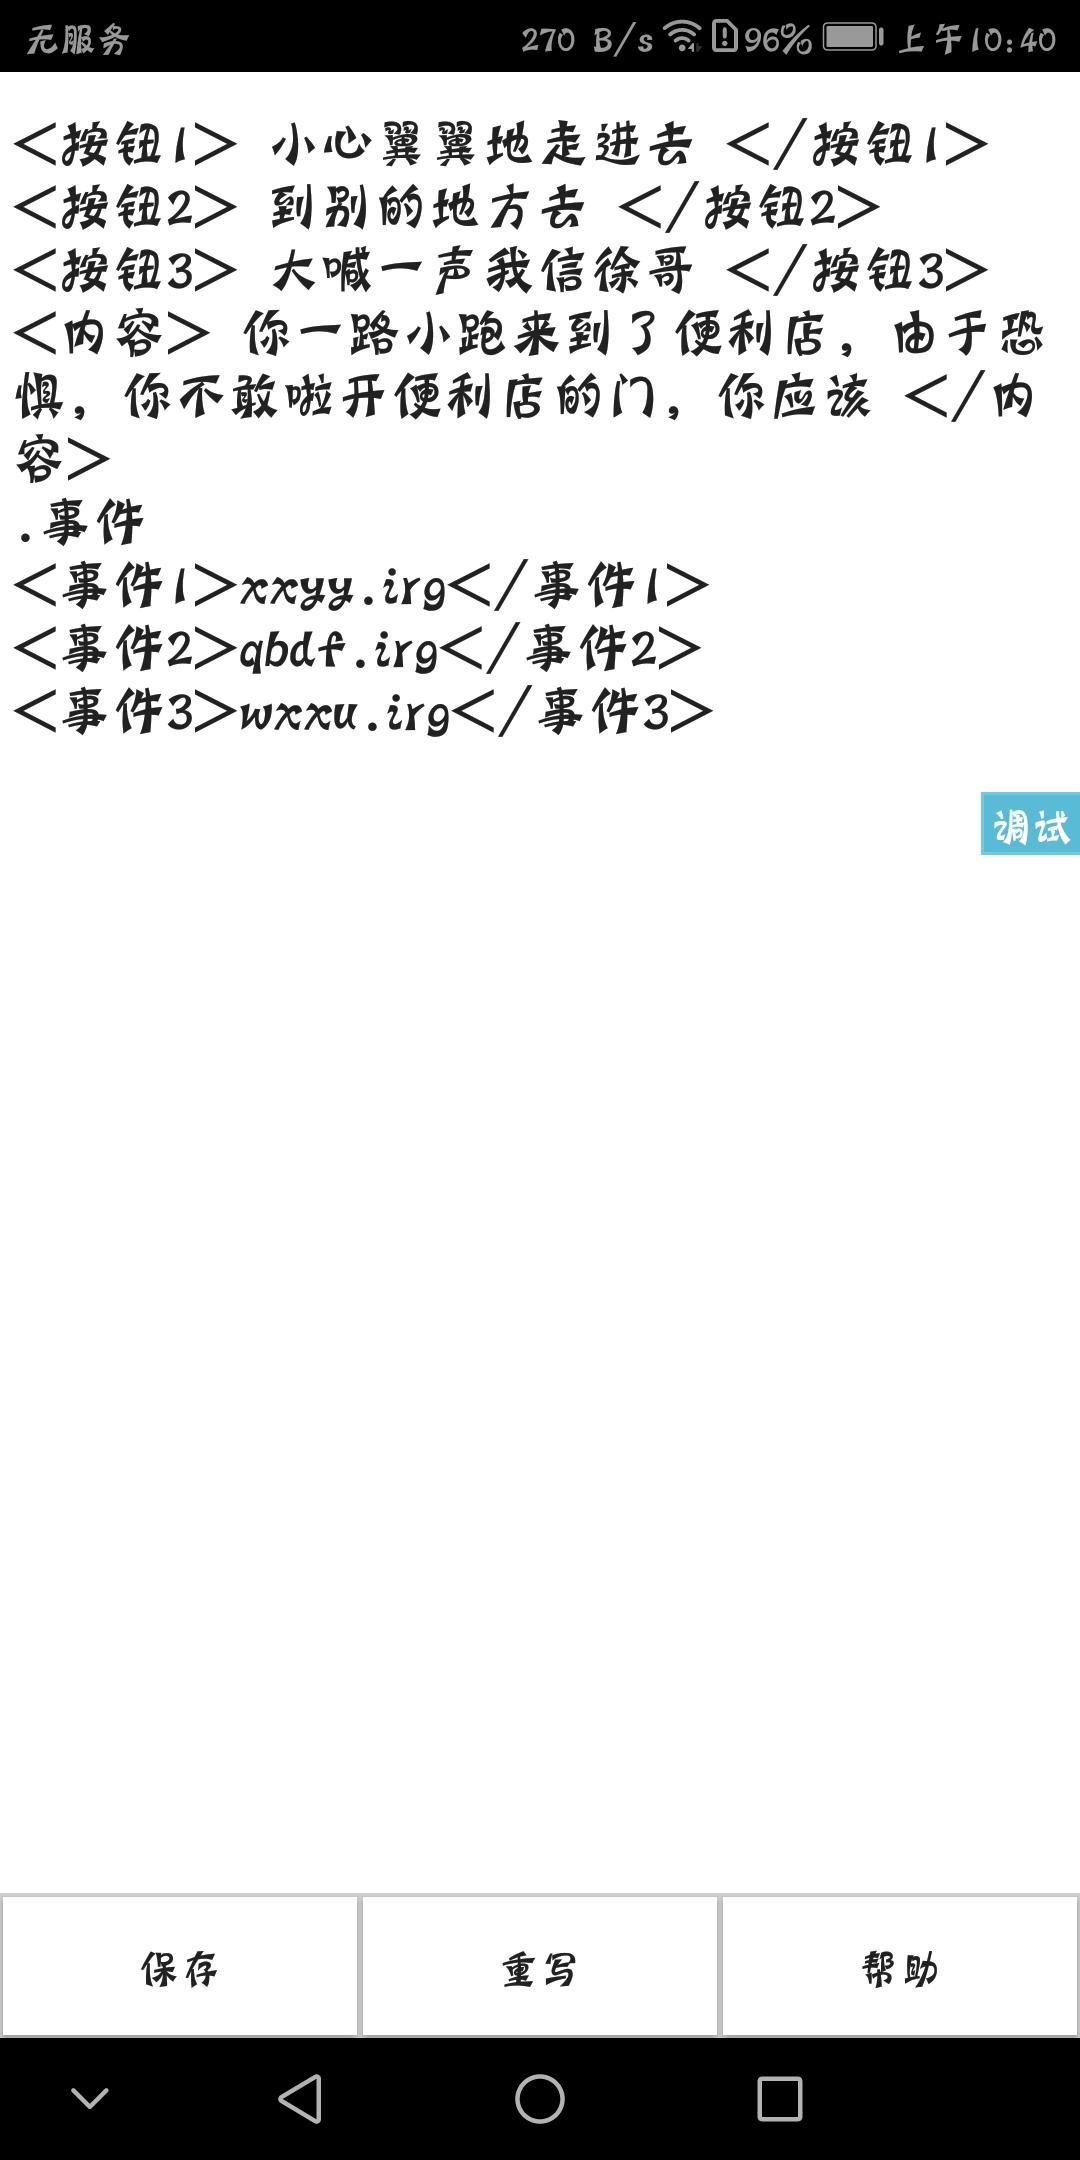 【源码发布】Rcraft文字游戏引擎v1.0插图2